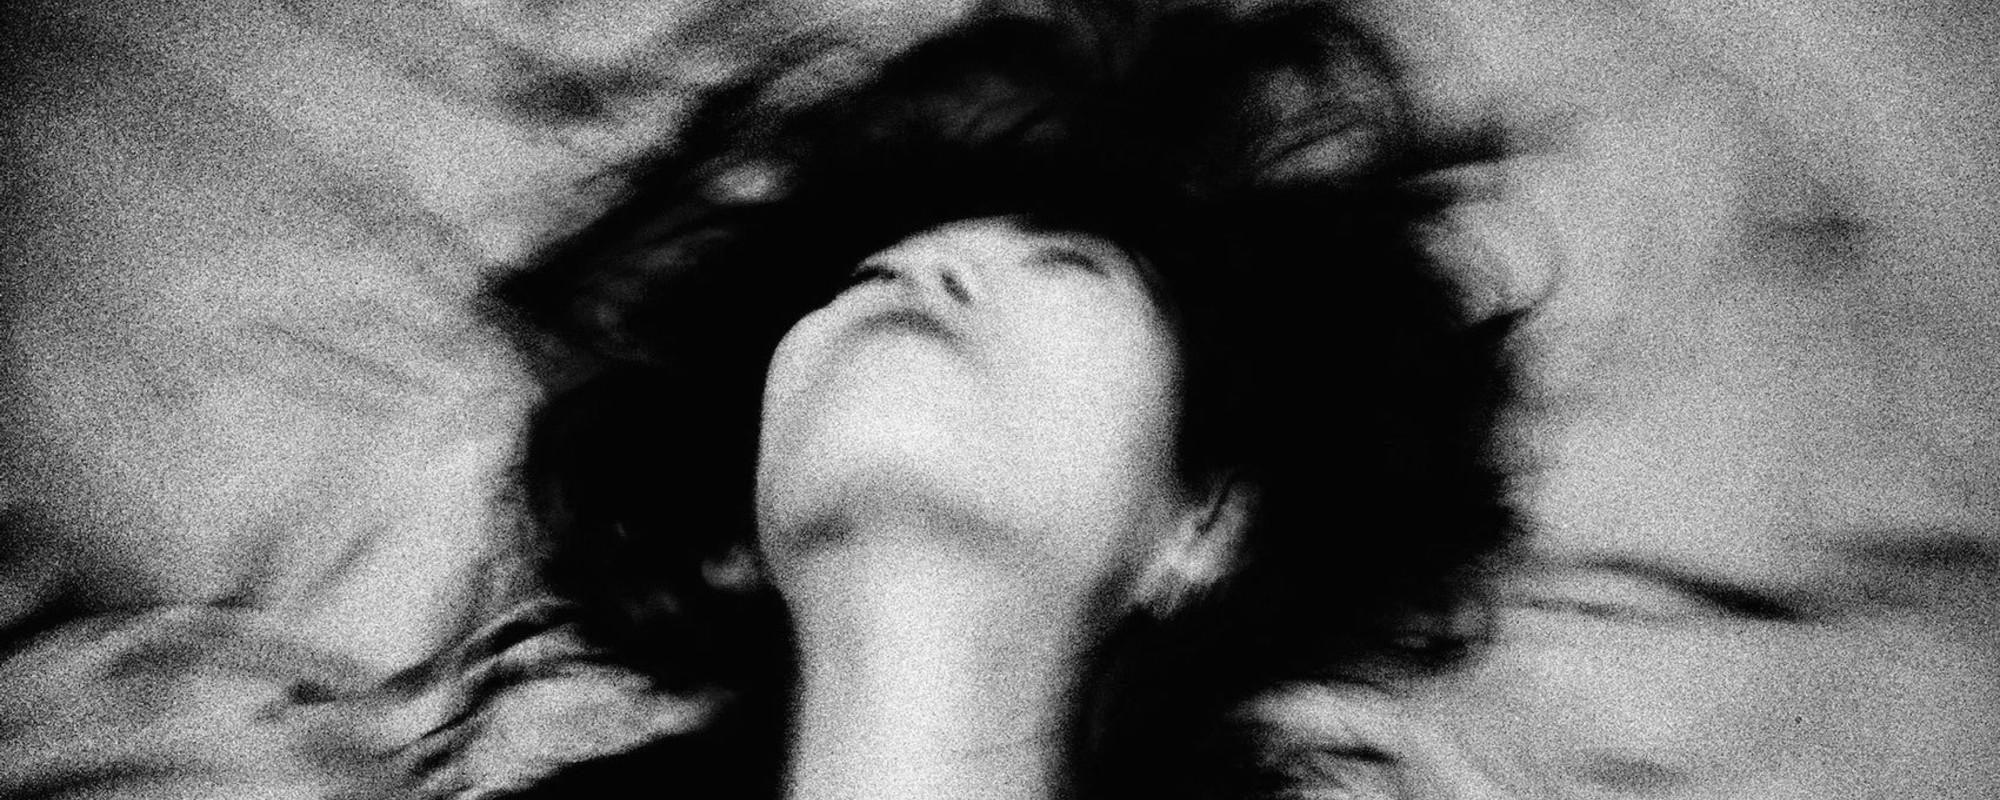 Magnum-Fotografen teilen die intimsten Bilder, die sie je gemacht haben